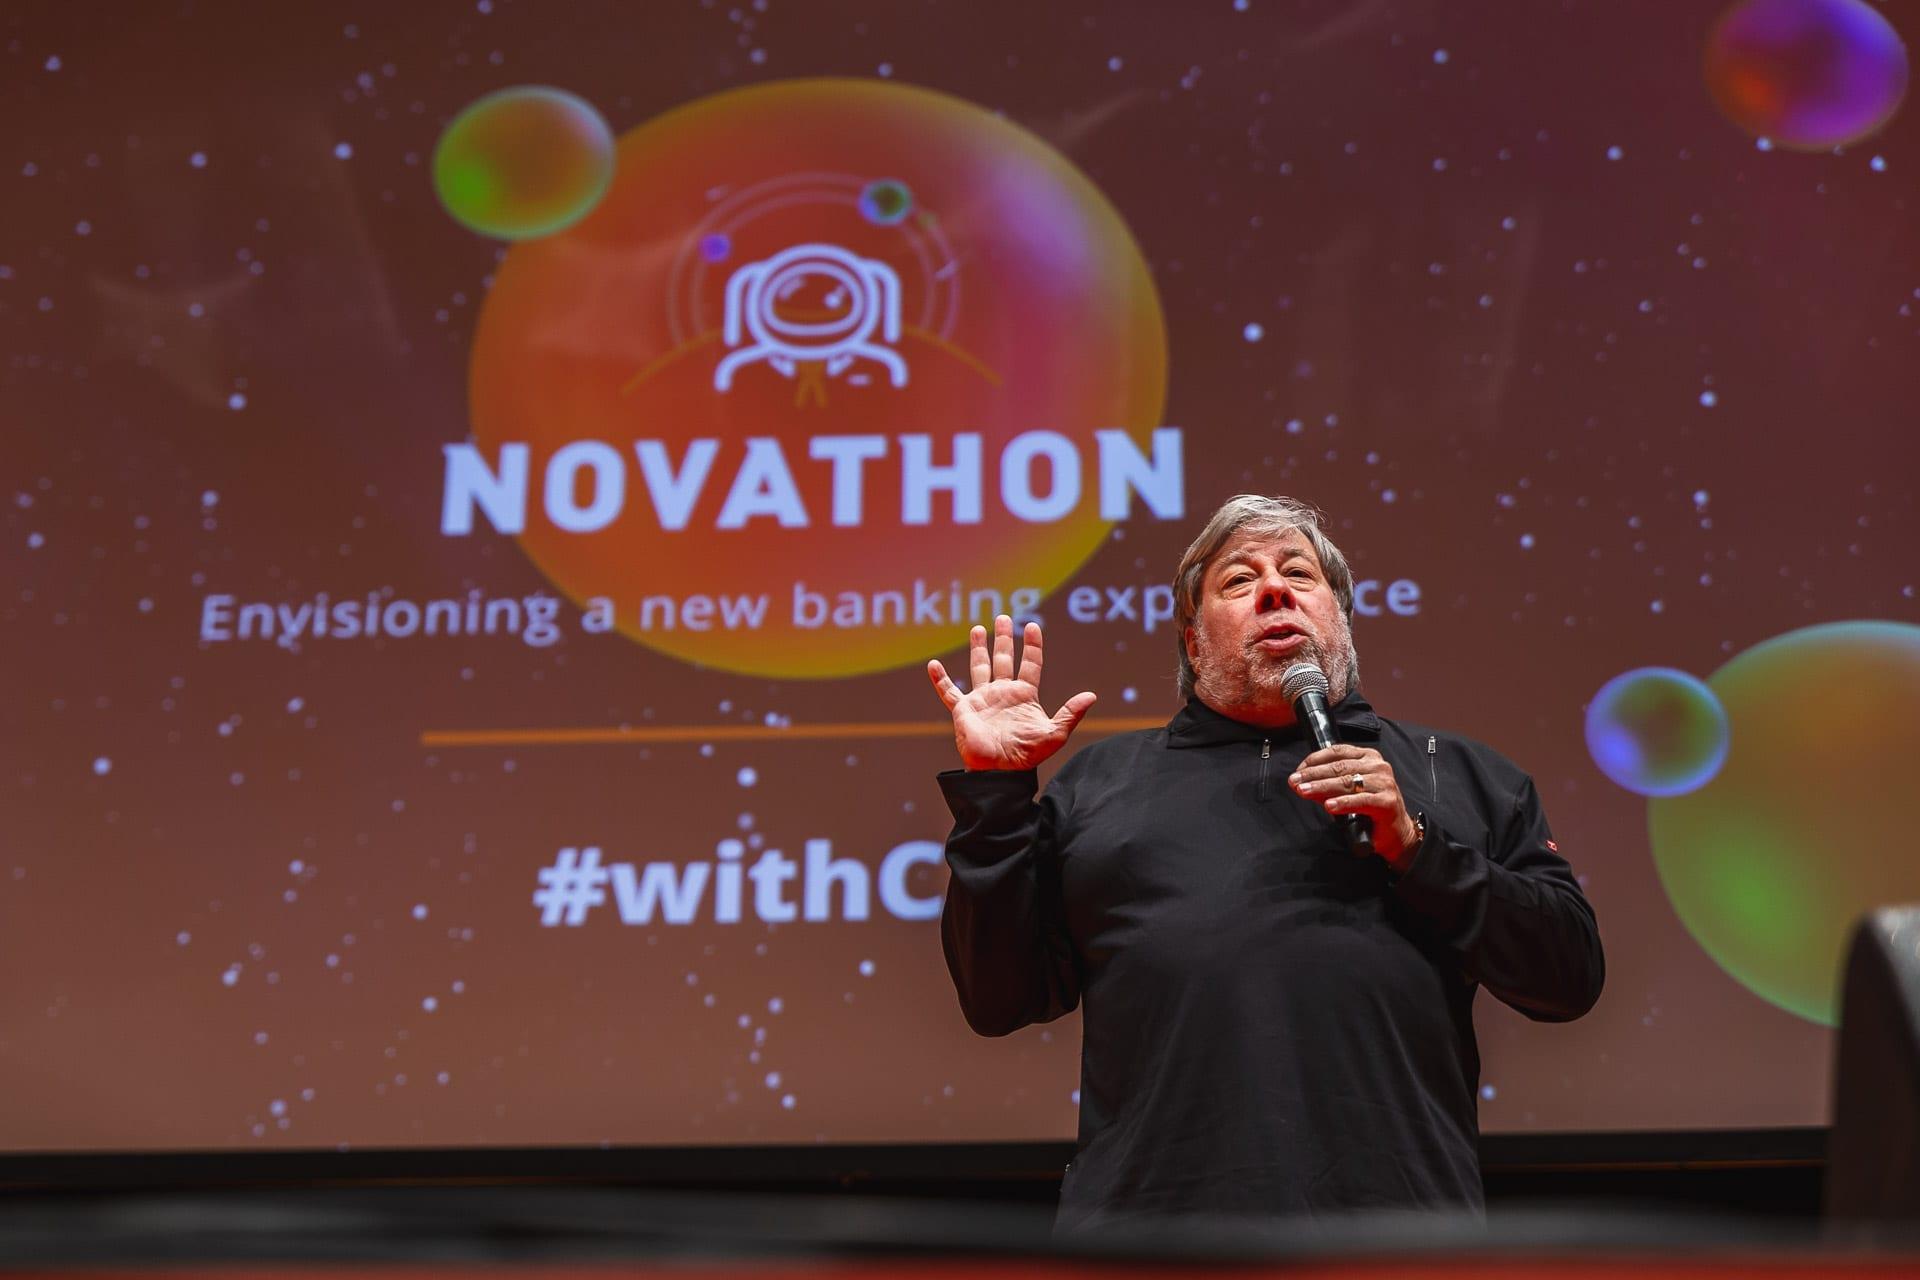 17_cib_novathon_Event